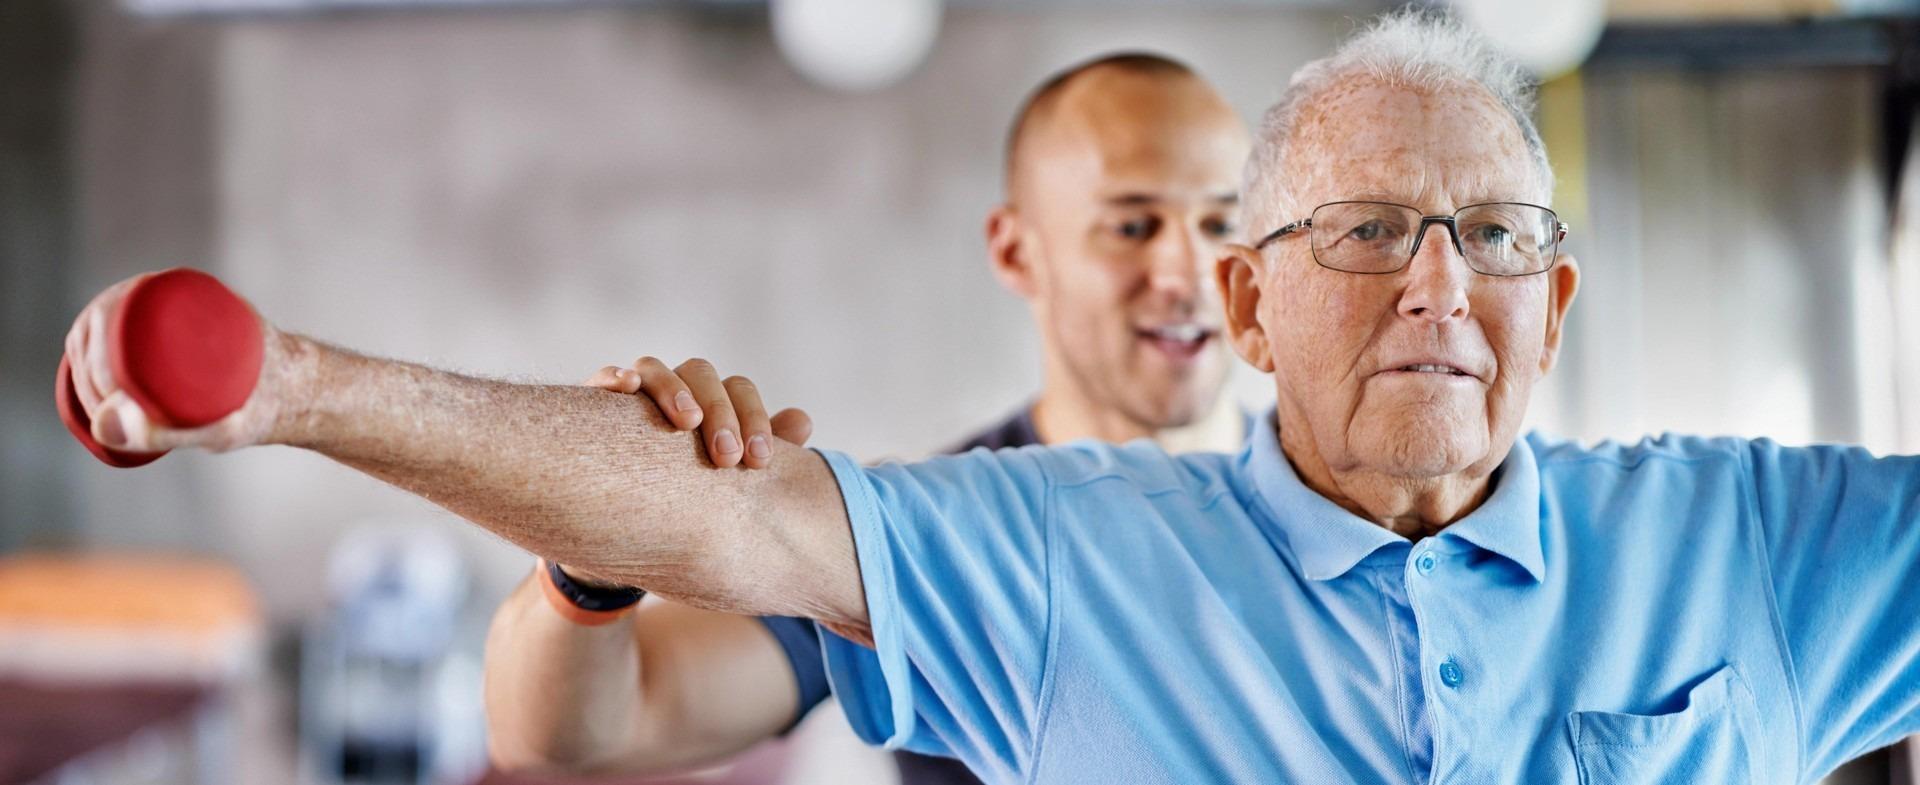 ortopedista especialista em ombro bh